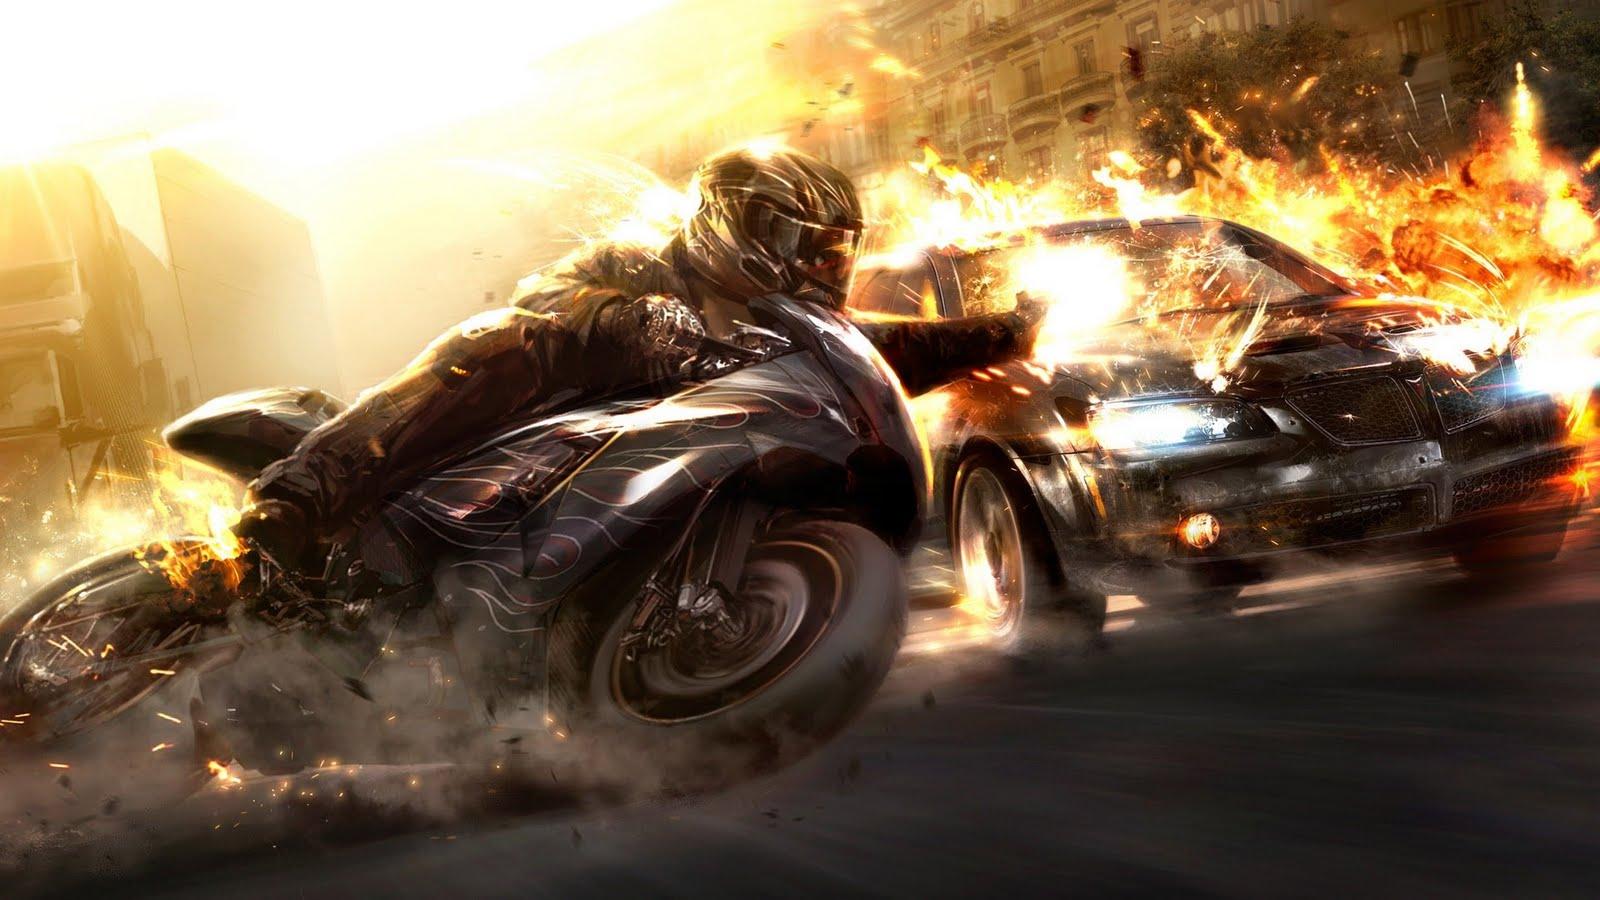 http://4.bp.blogspot.com/-Kuf2KRUMaEs/TlIhVHL55QI/AAAAAAAAA9g/wJCOolHOgcs/s1600/Motorcycle_Vs_Car_HD_Wide_4374.jpg